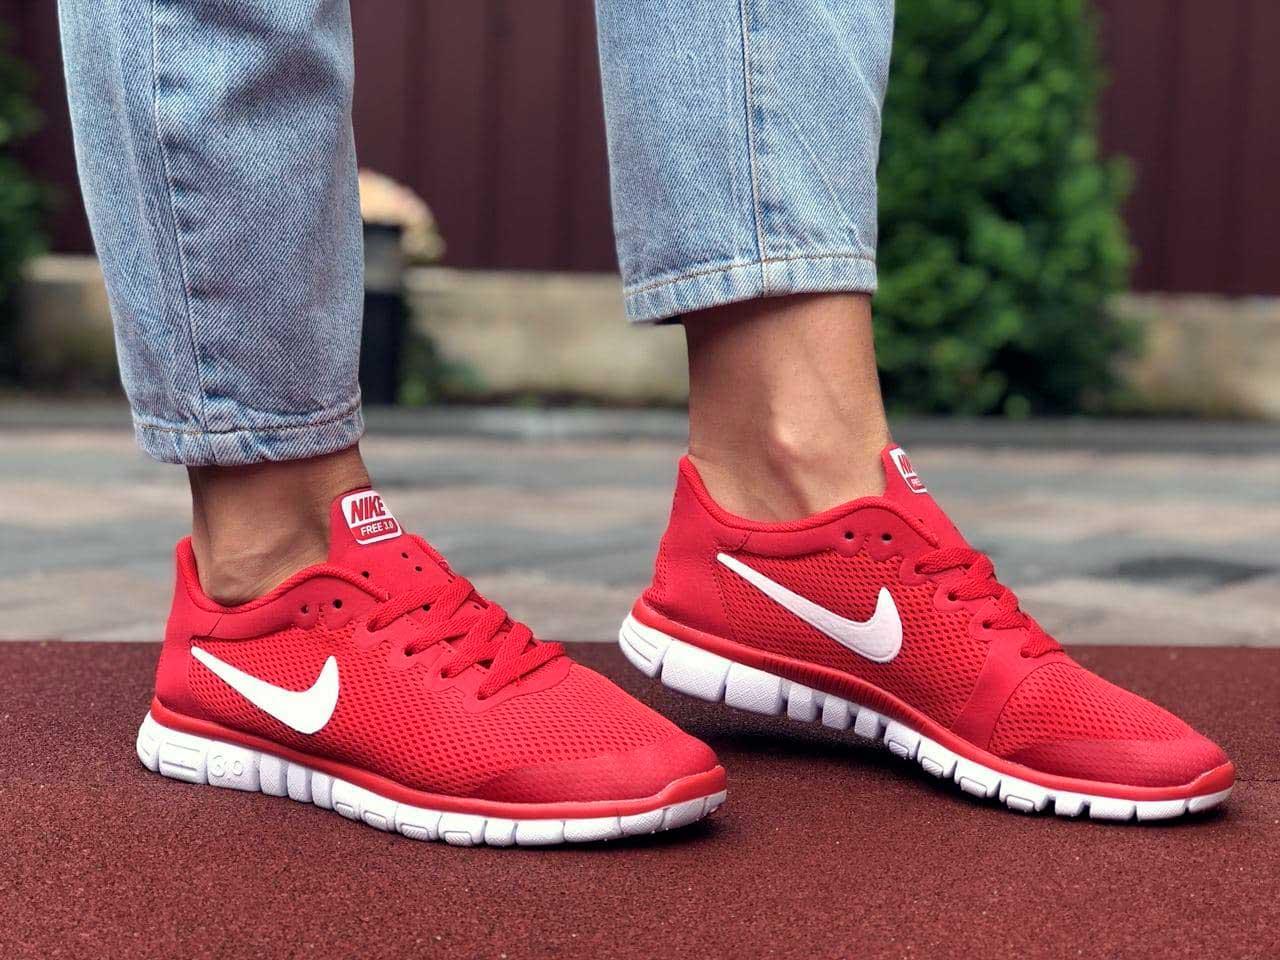 Красные кроссовки Nike Free Run 3 женские купить в украине